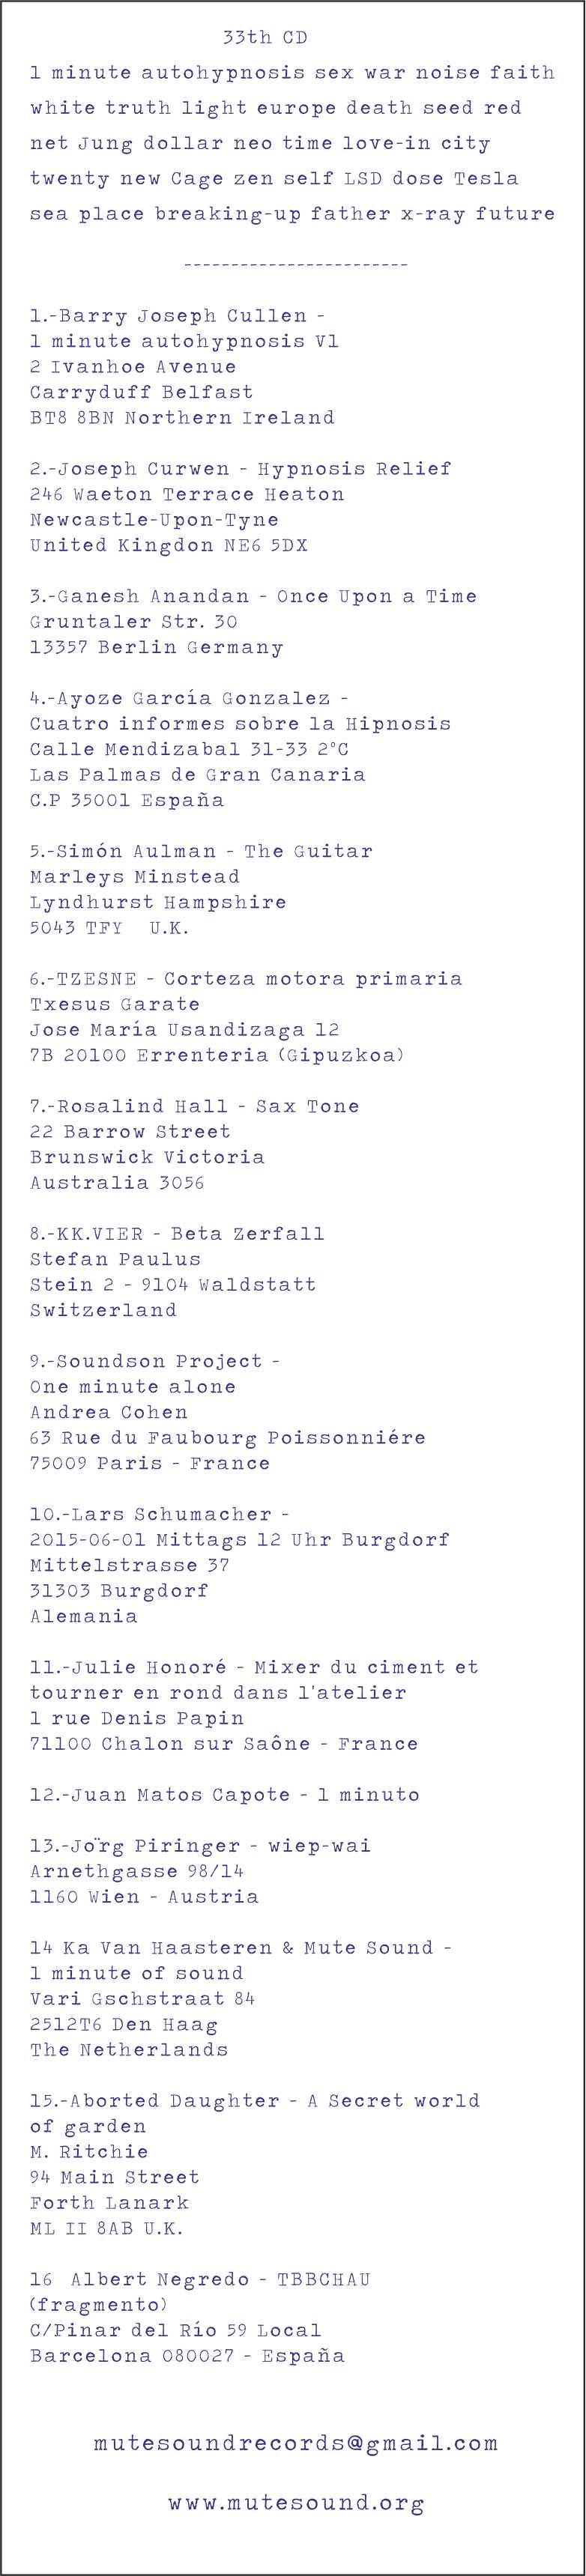 33th CD List